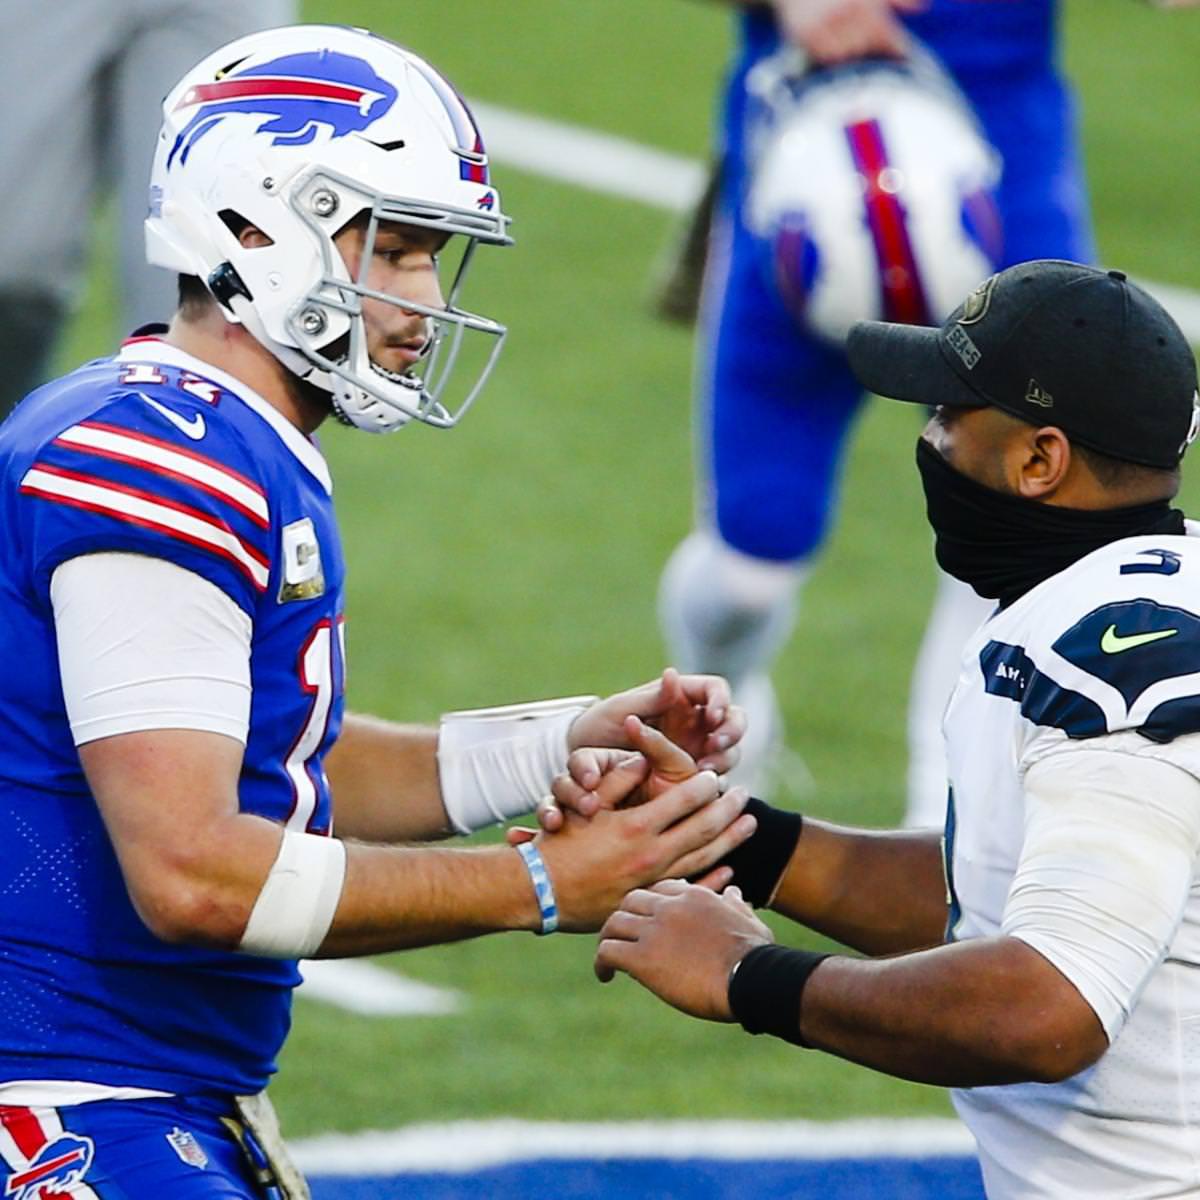 Perguntas sobre o quarterback da NFL surgindo da semana 9